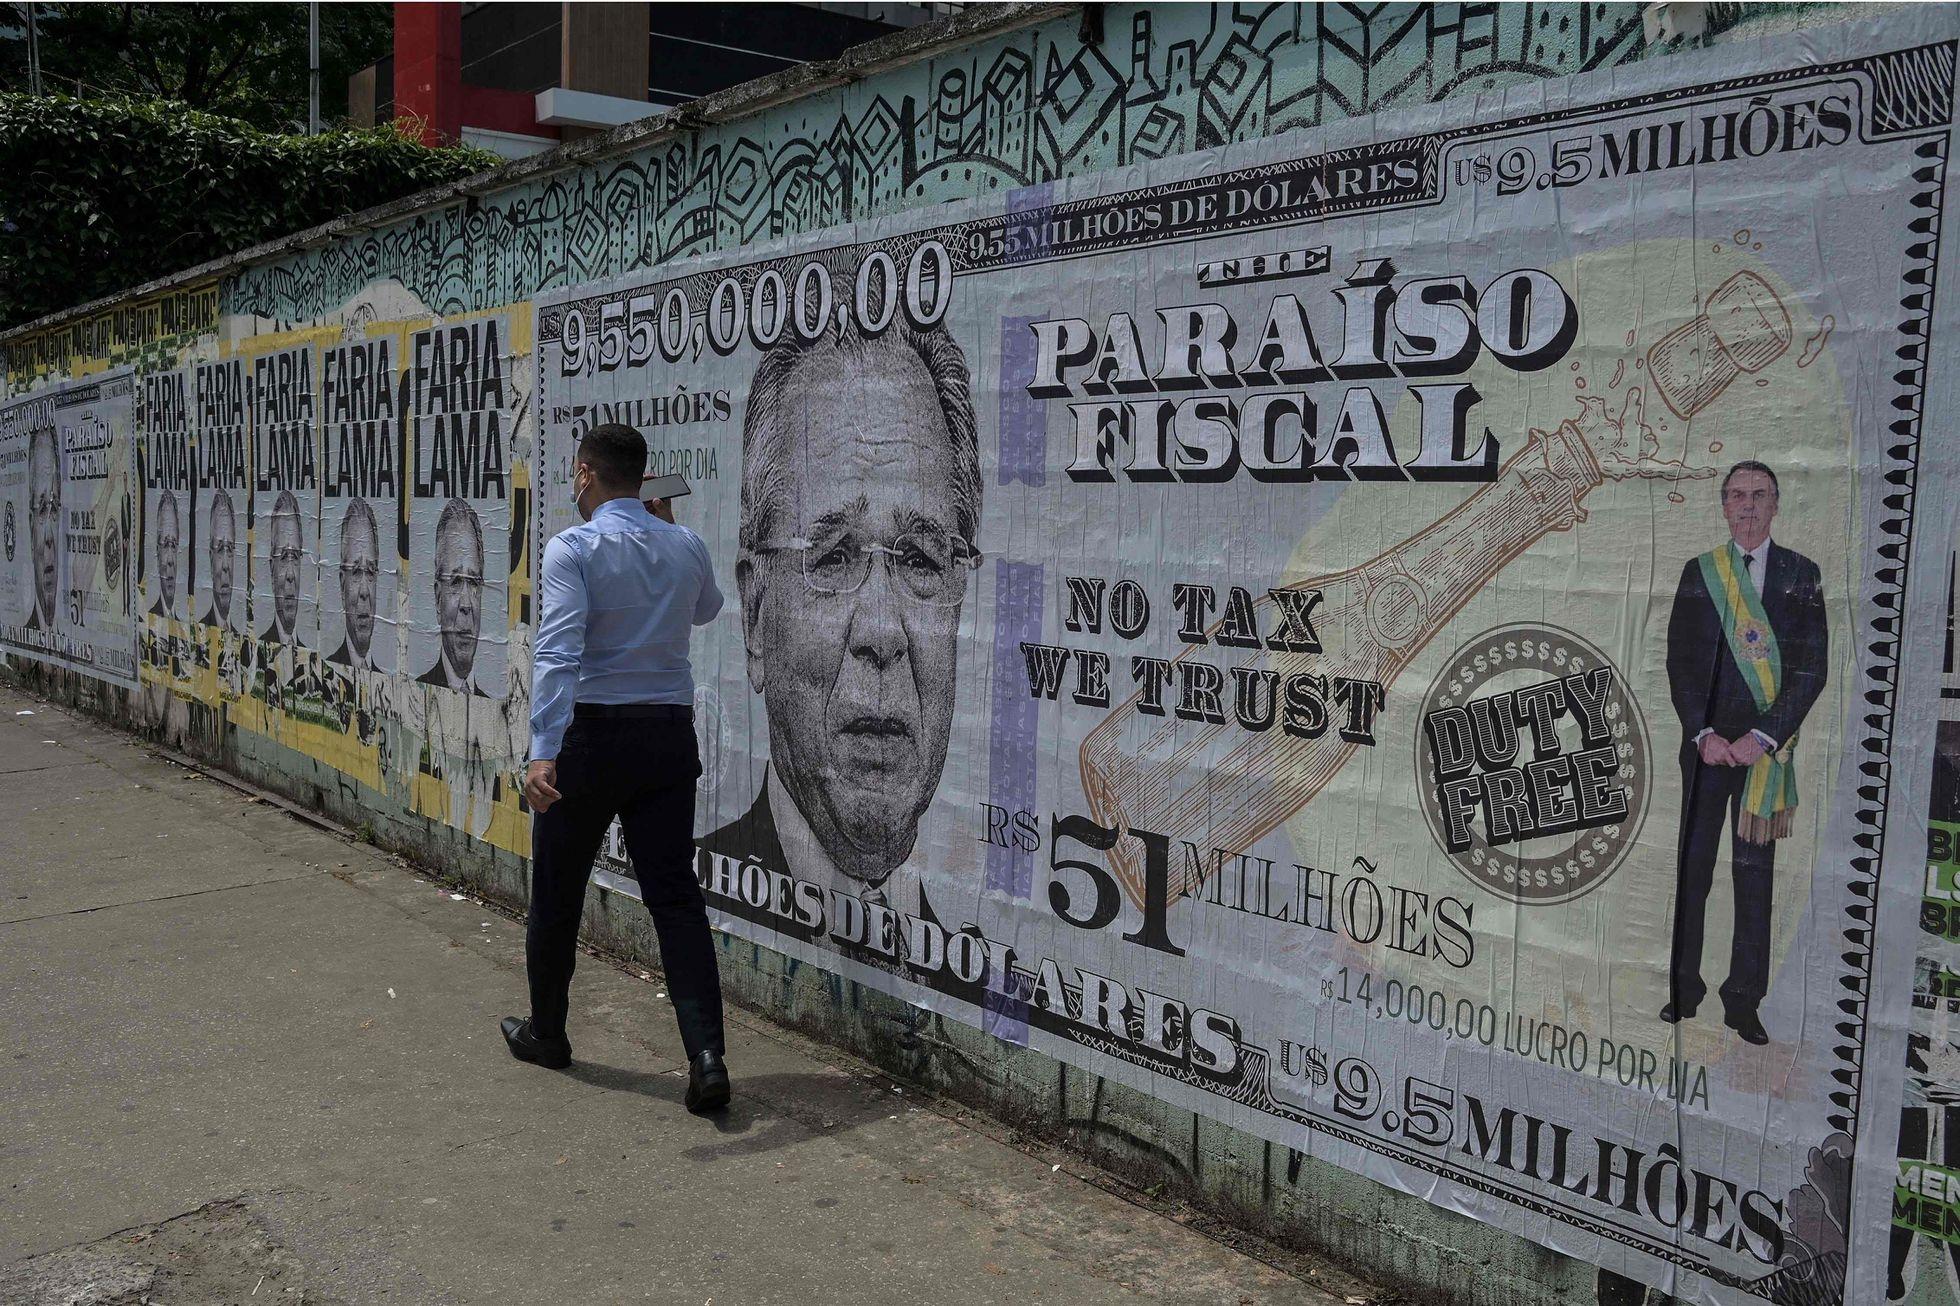 Cartaz em São Paulo que critica o ministro Paulo Guedes e o caso das 'offshores', revelado pelo 'Pandora Papers'.